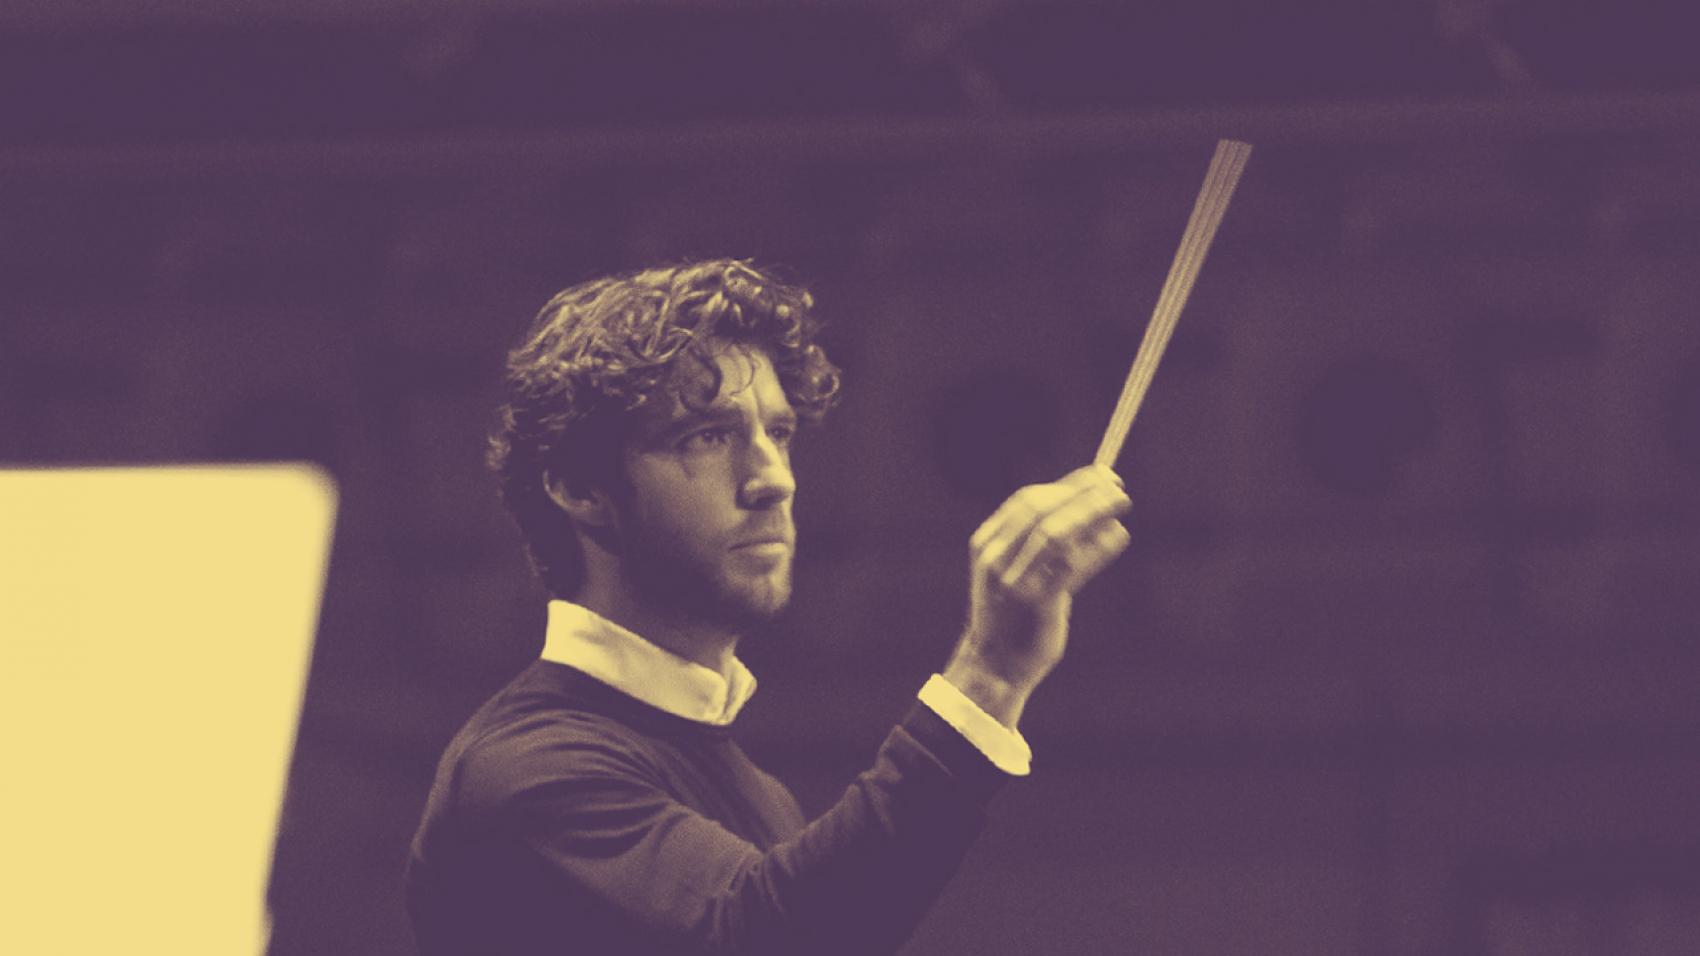 Nederlands Philharmonisch Orkest|Nederlands Kamerorkest presenteert concerten najaar 2021